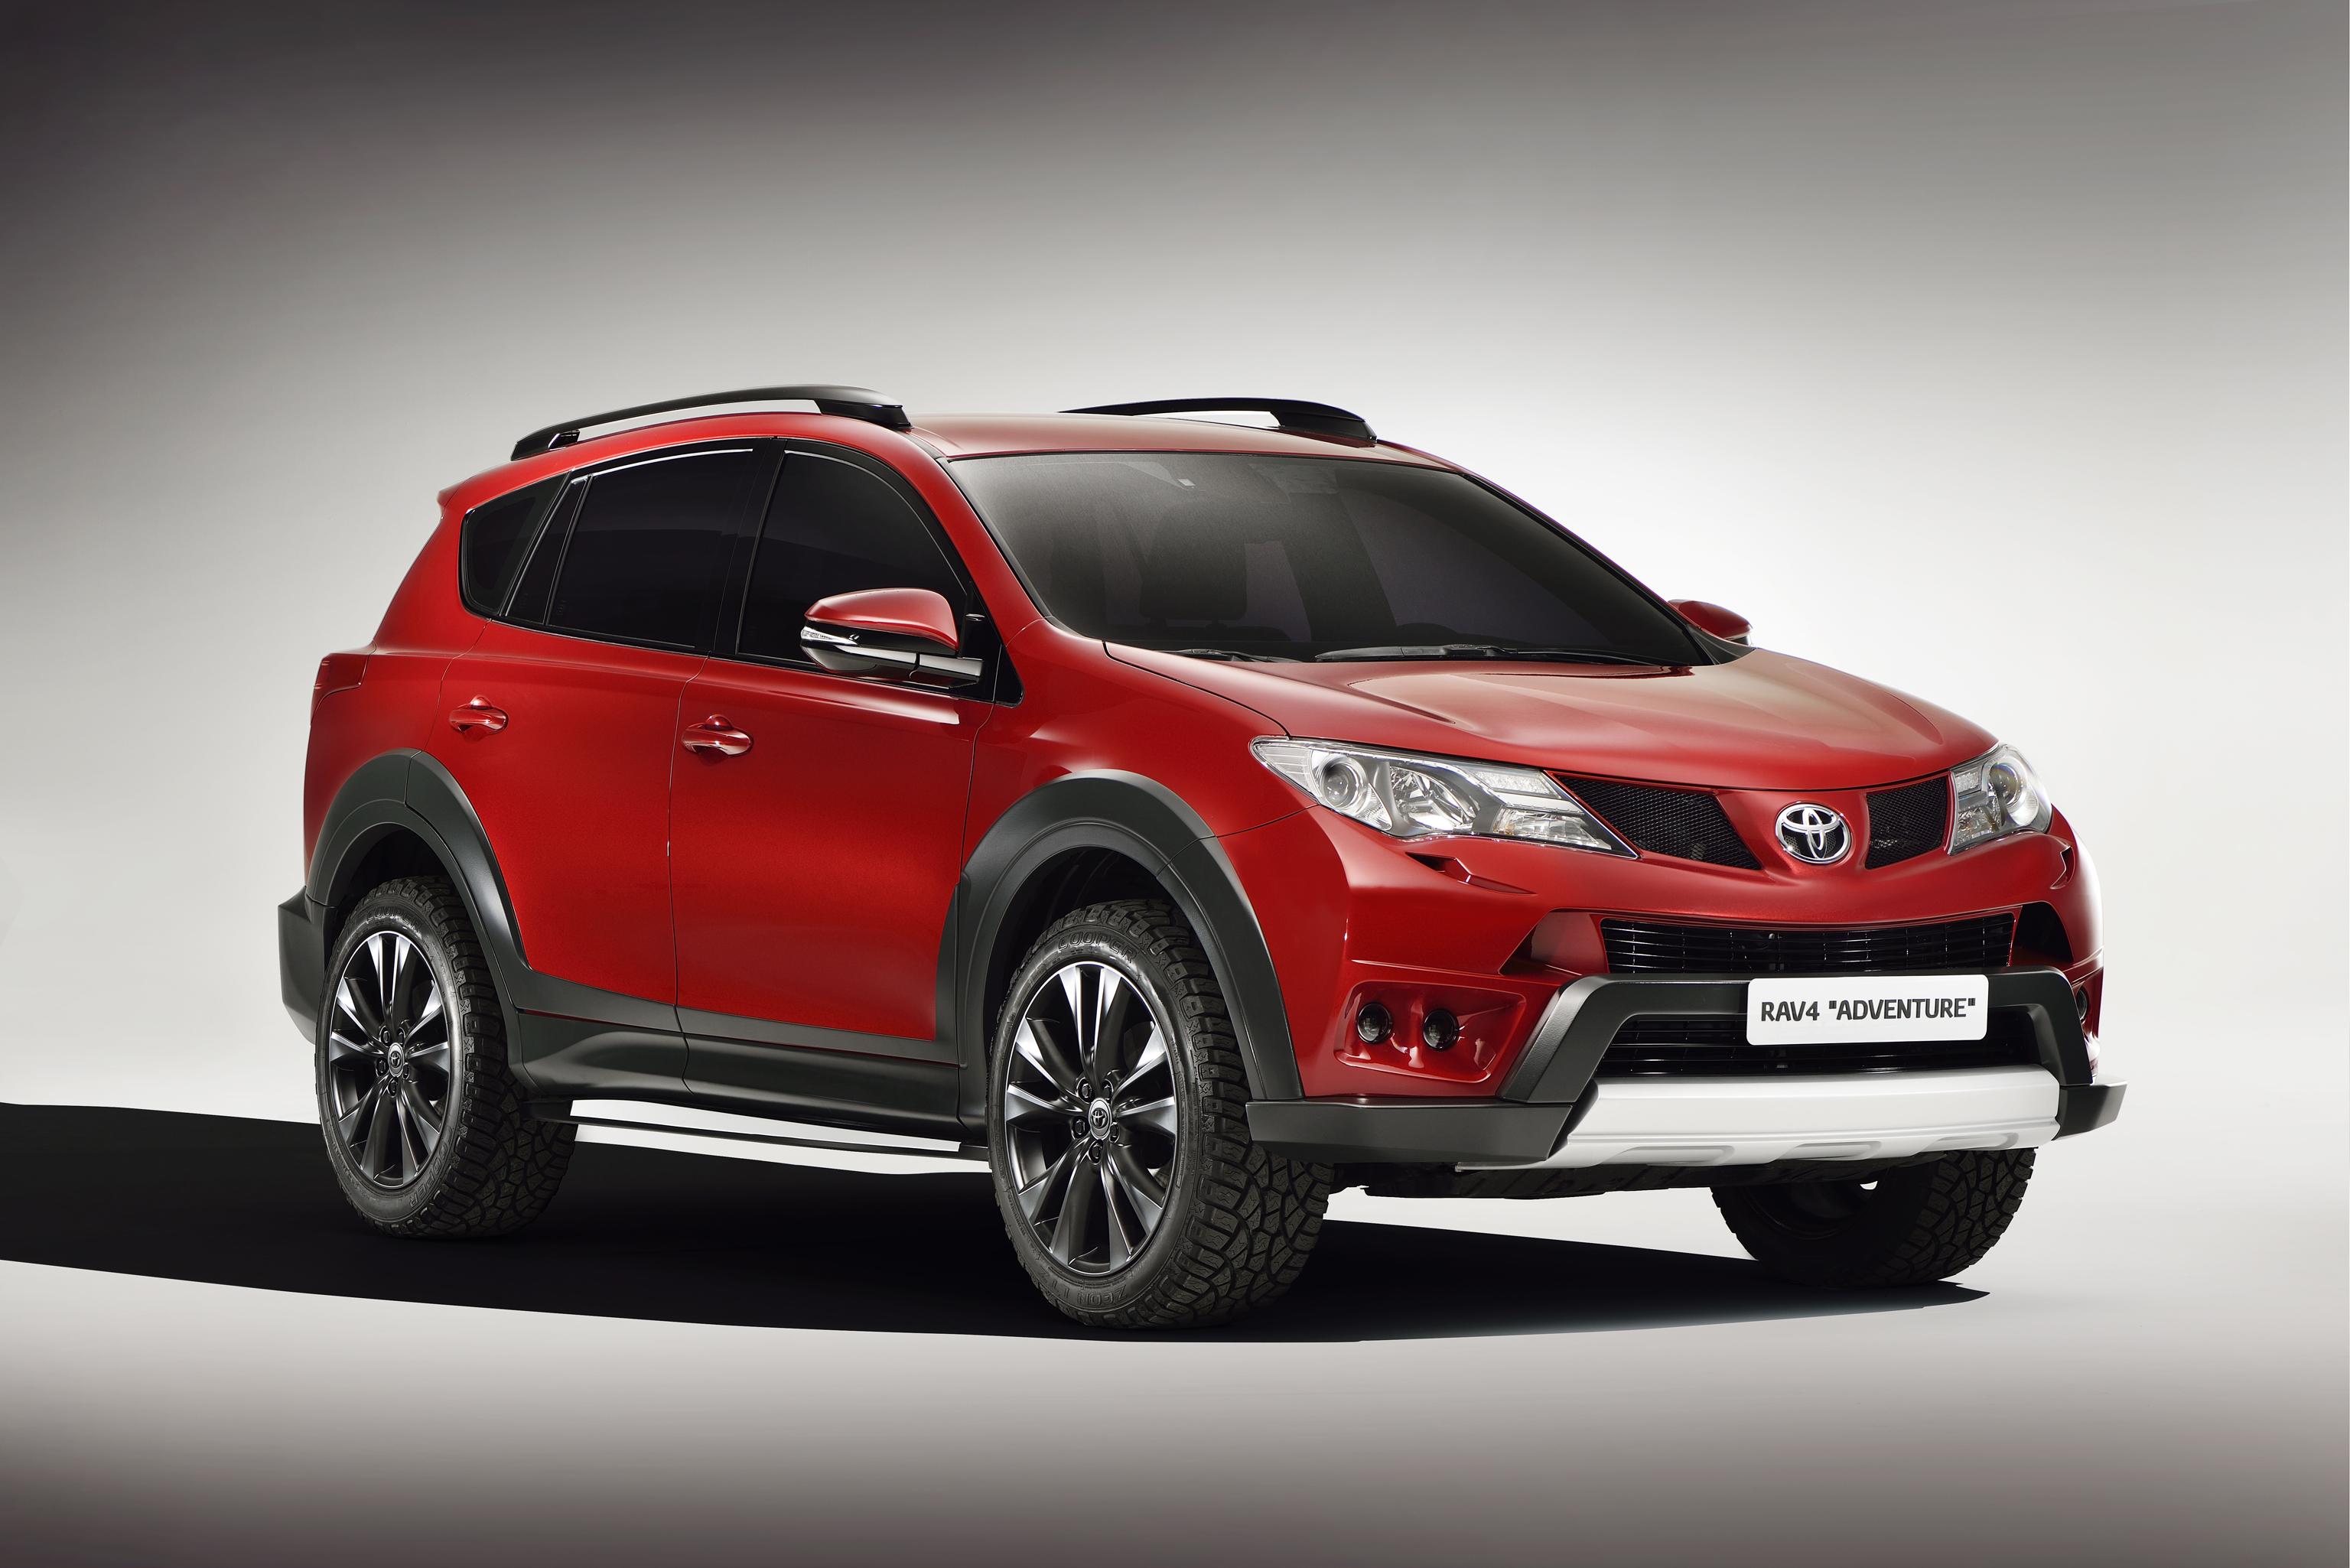 Toyota Рав 4 новая модель #11